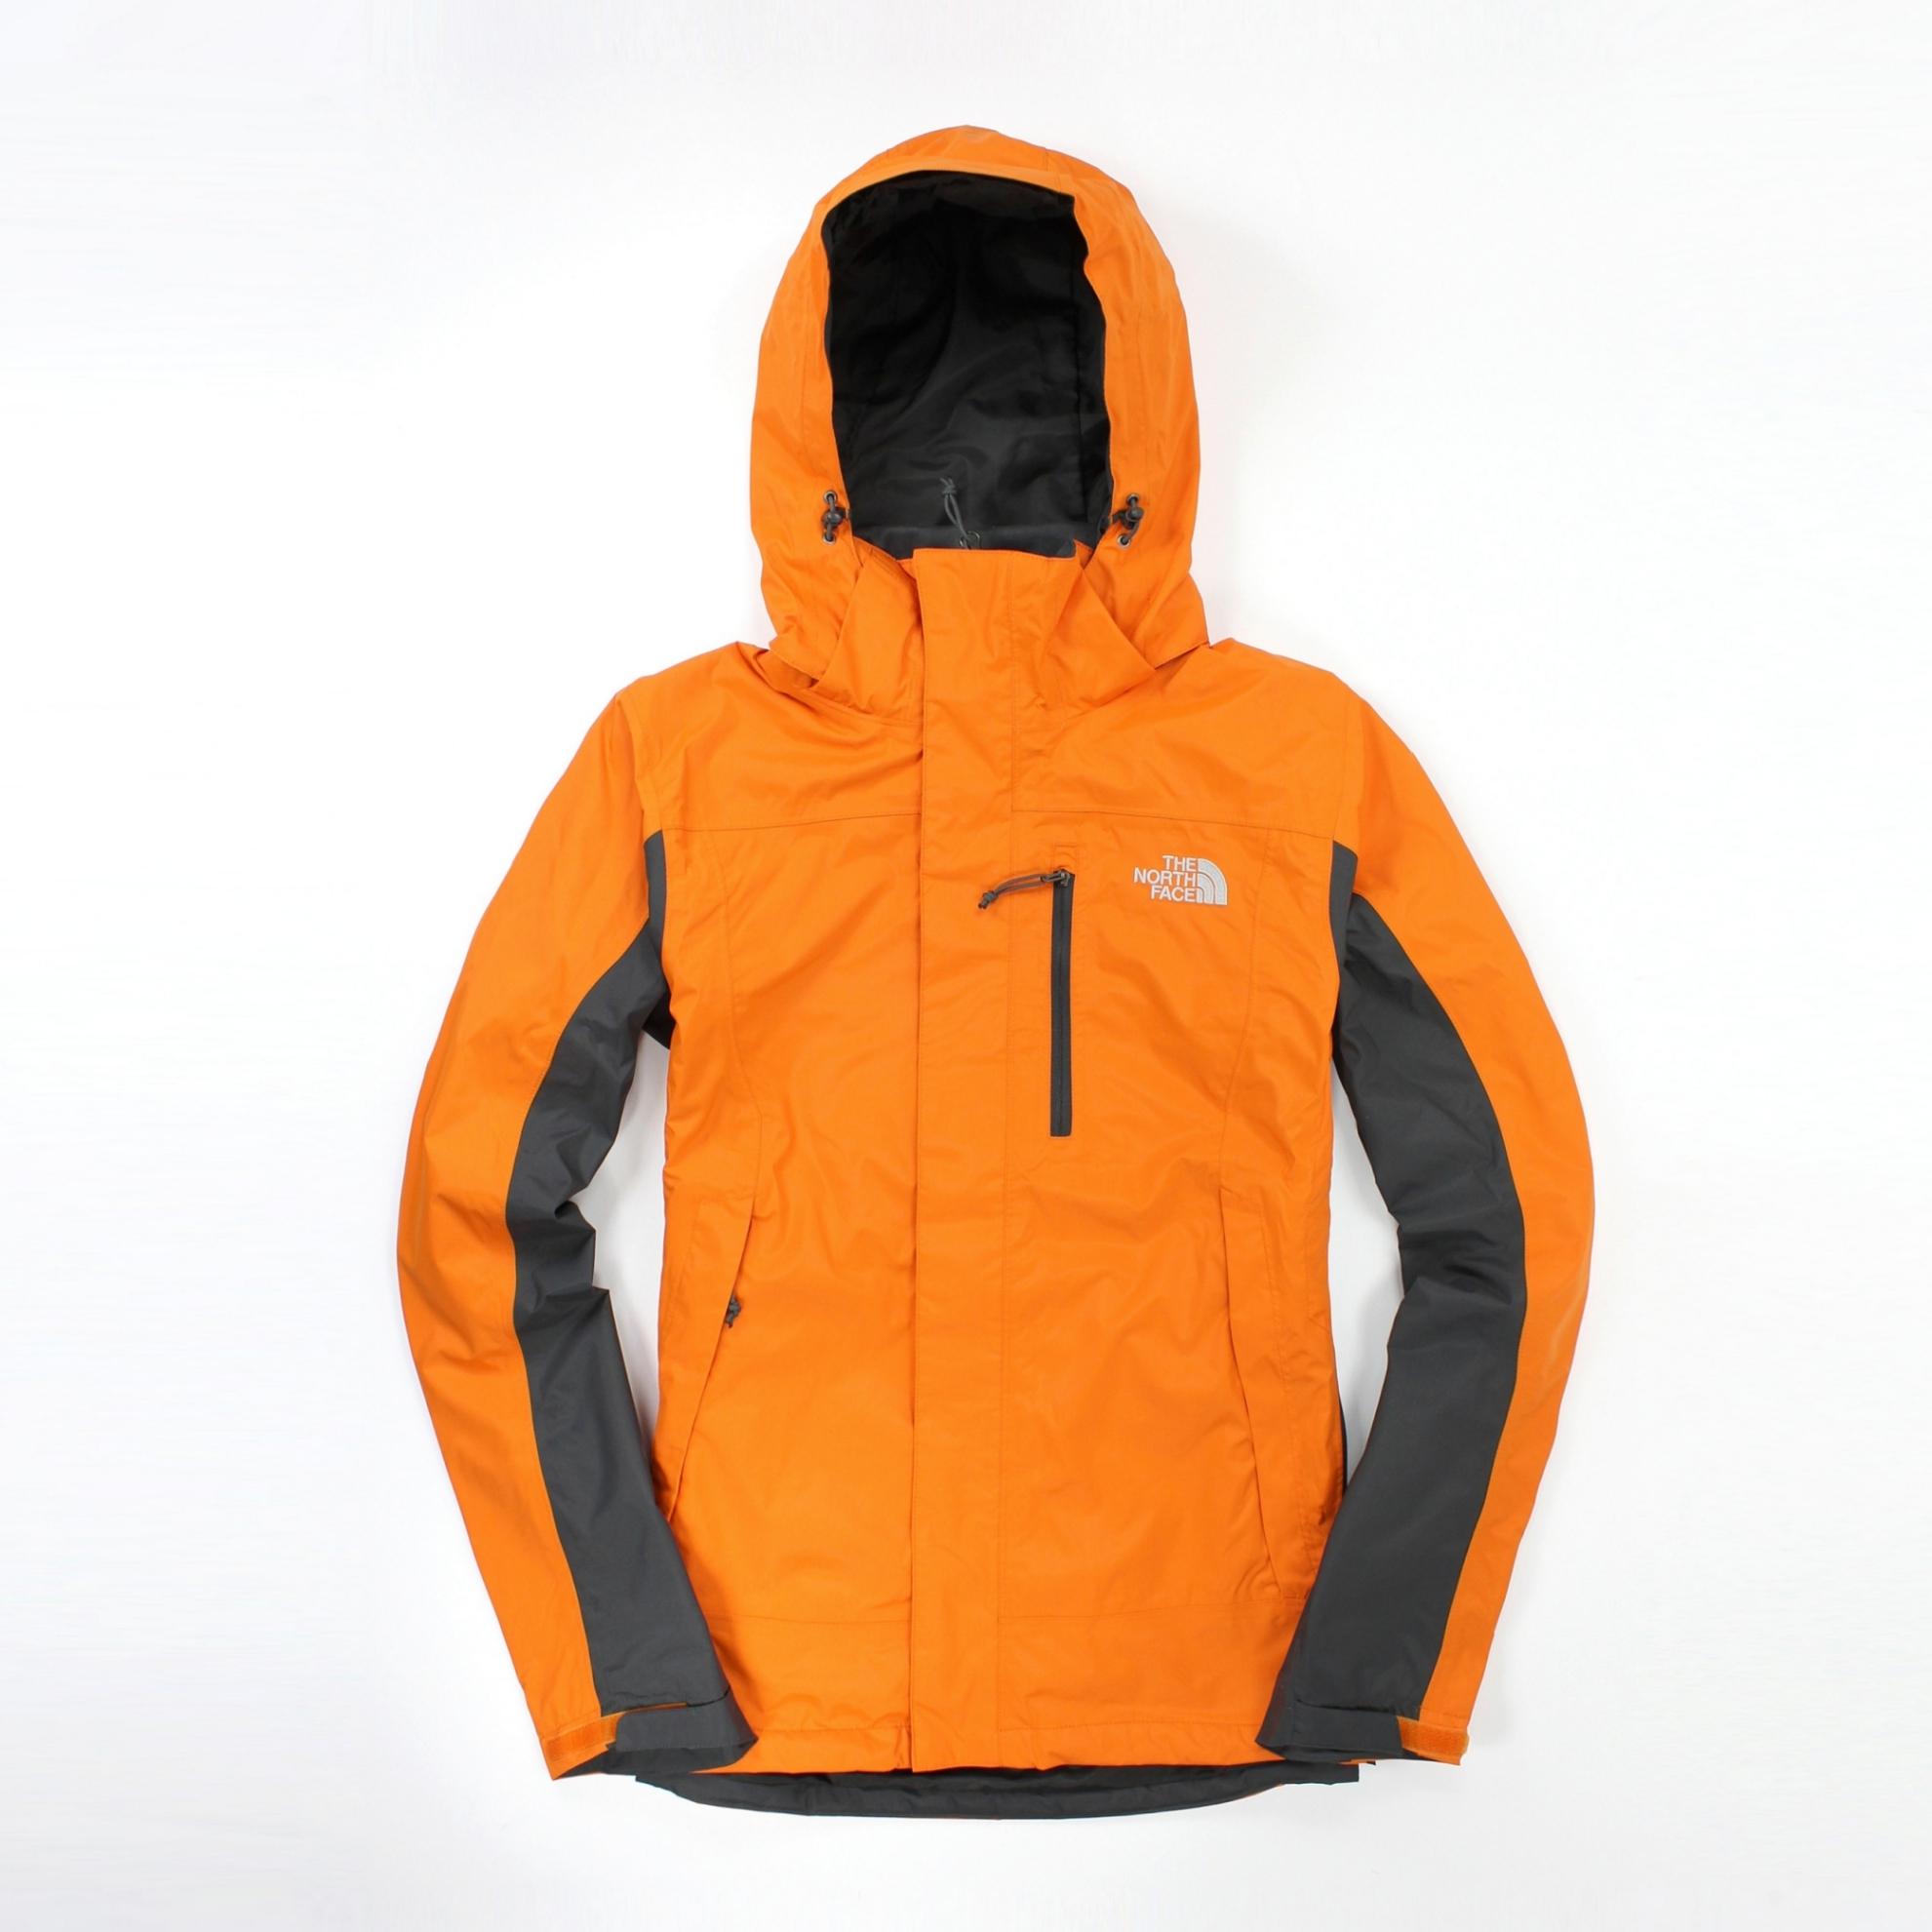 美國百分百【全新真品】The North Face 外套 TNF 連帽 夾克 Hyvent 防水 可搭配兩件式 透氣 橘 S 男 B964